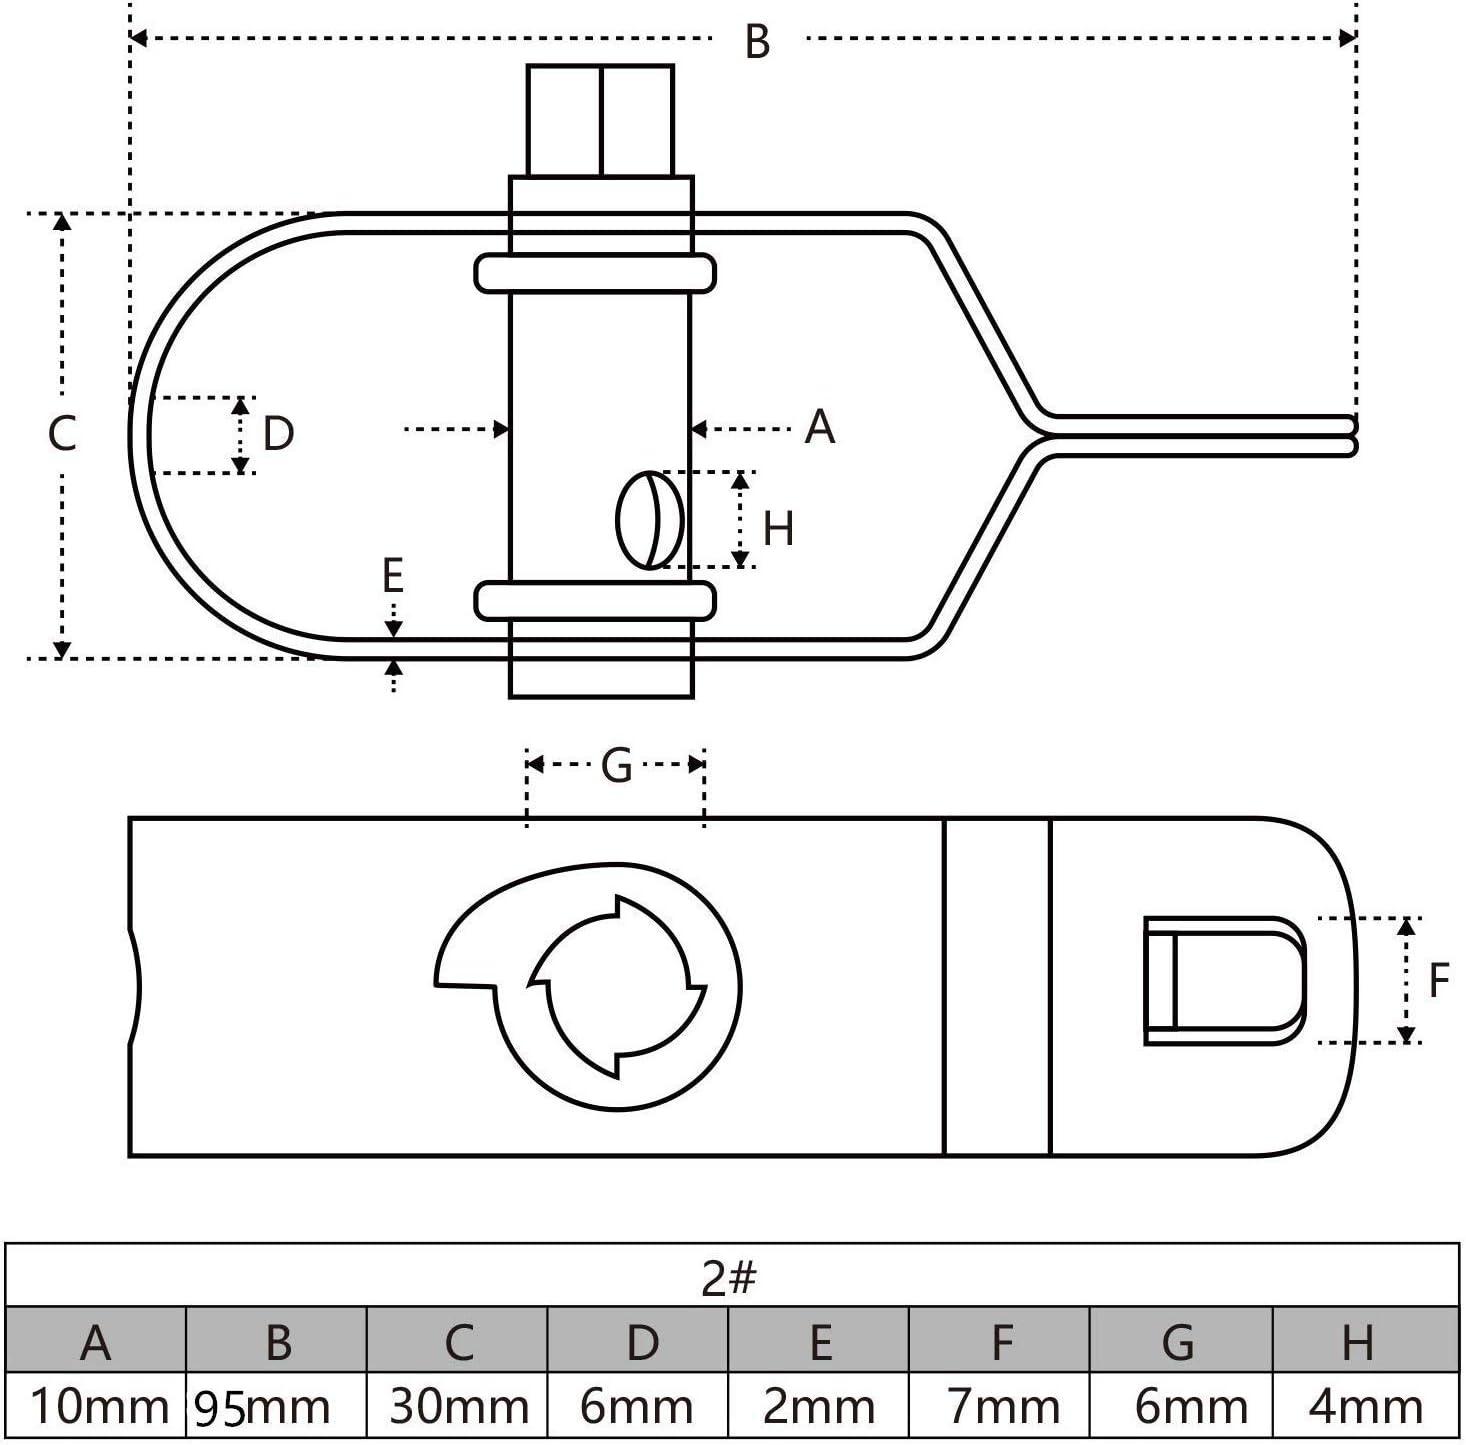 Amagabeli Garden Home 2MM X 12.5M X 2PCS Fil de Tension Rouleau de Fil M/étallique et Tendeurs /à Fil Barbel/é Longeur 95mm Enduit de PVC de M/étal Rev/êtu de Plastique Blanc pour Cl/ôture de Jardin